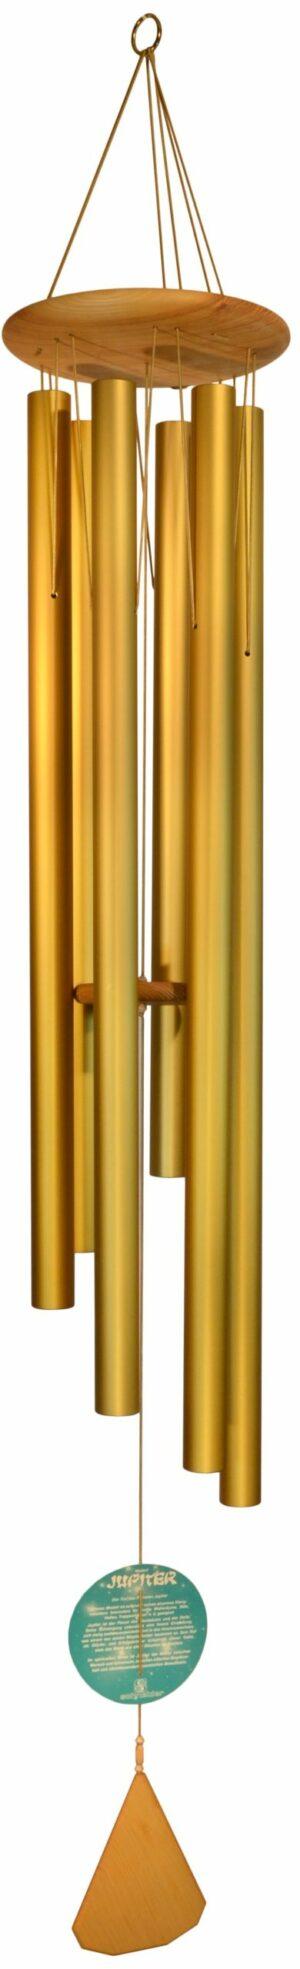 XXL Obertonklangspiel Jupiter Classic Gold - Klang der Planeten - gestimmtes Metallklangspiel - Klangspiel mit 6 Klangröhren - Windspiel 160 cm